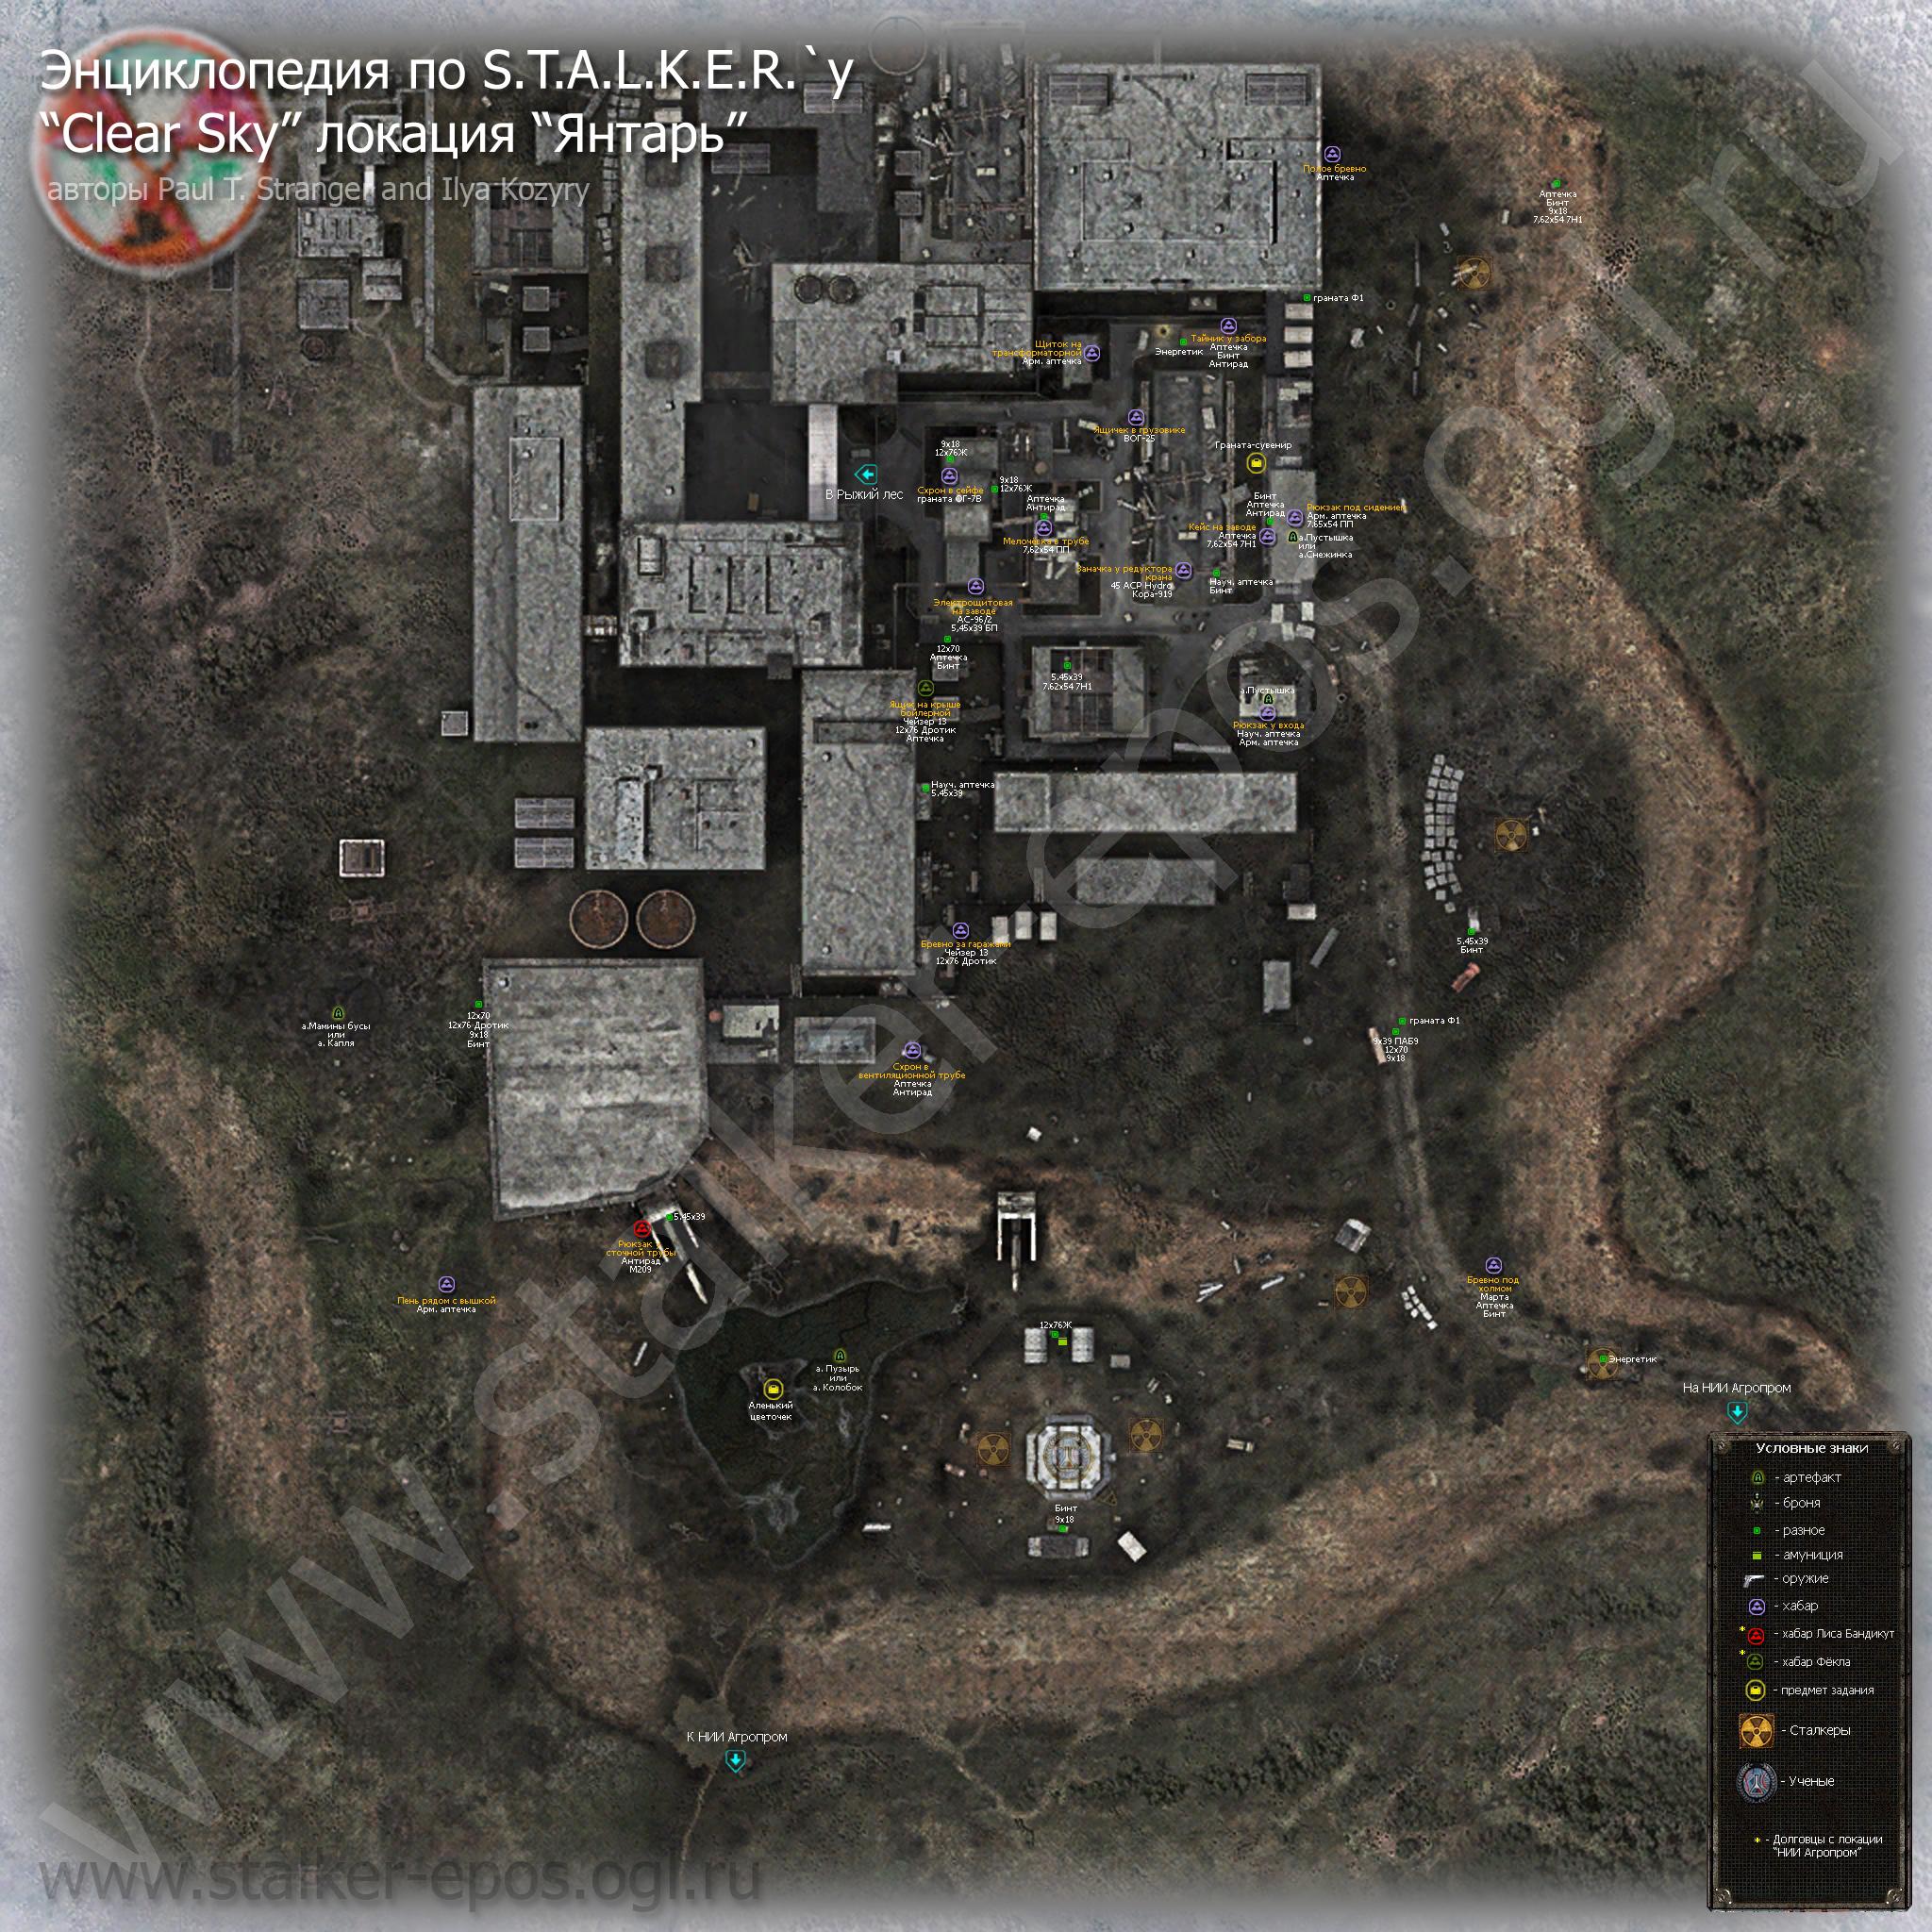 Как сделать локацию для сталкер 705